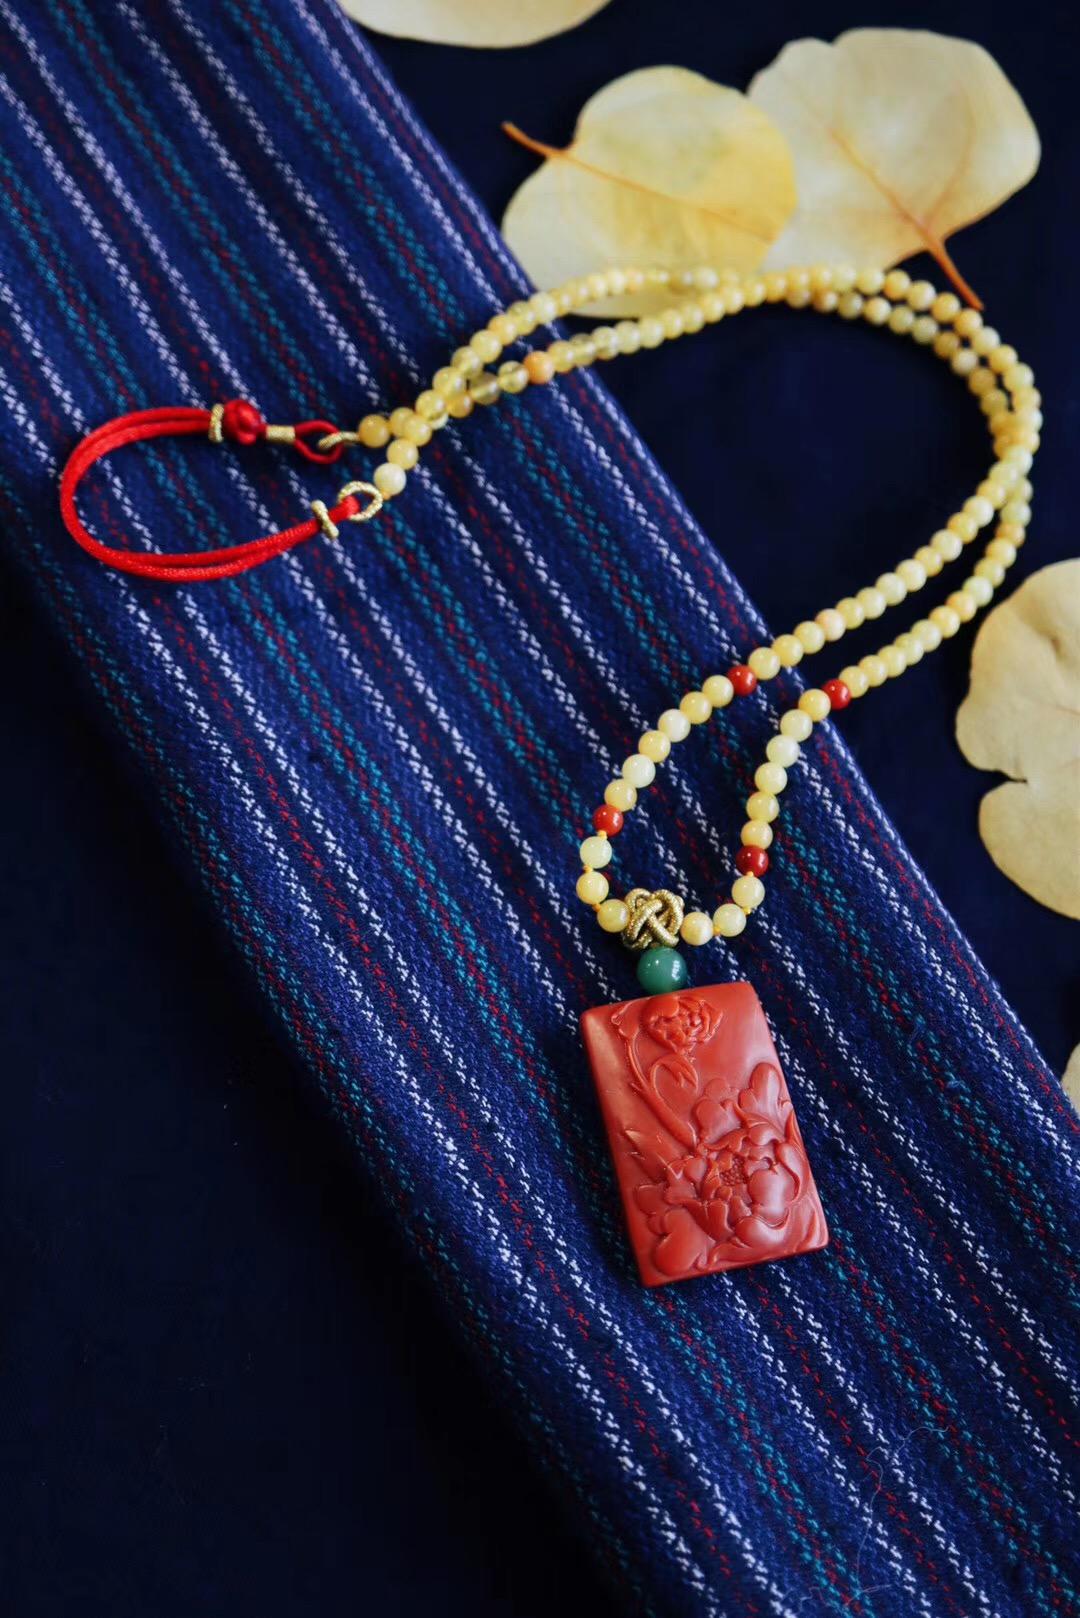 【南红玛瑙&花开富贵】保山南红&苏工收藏级-菩心晶舍